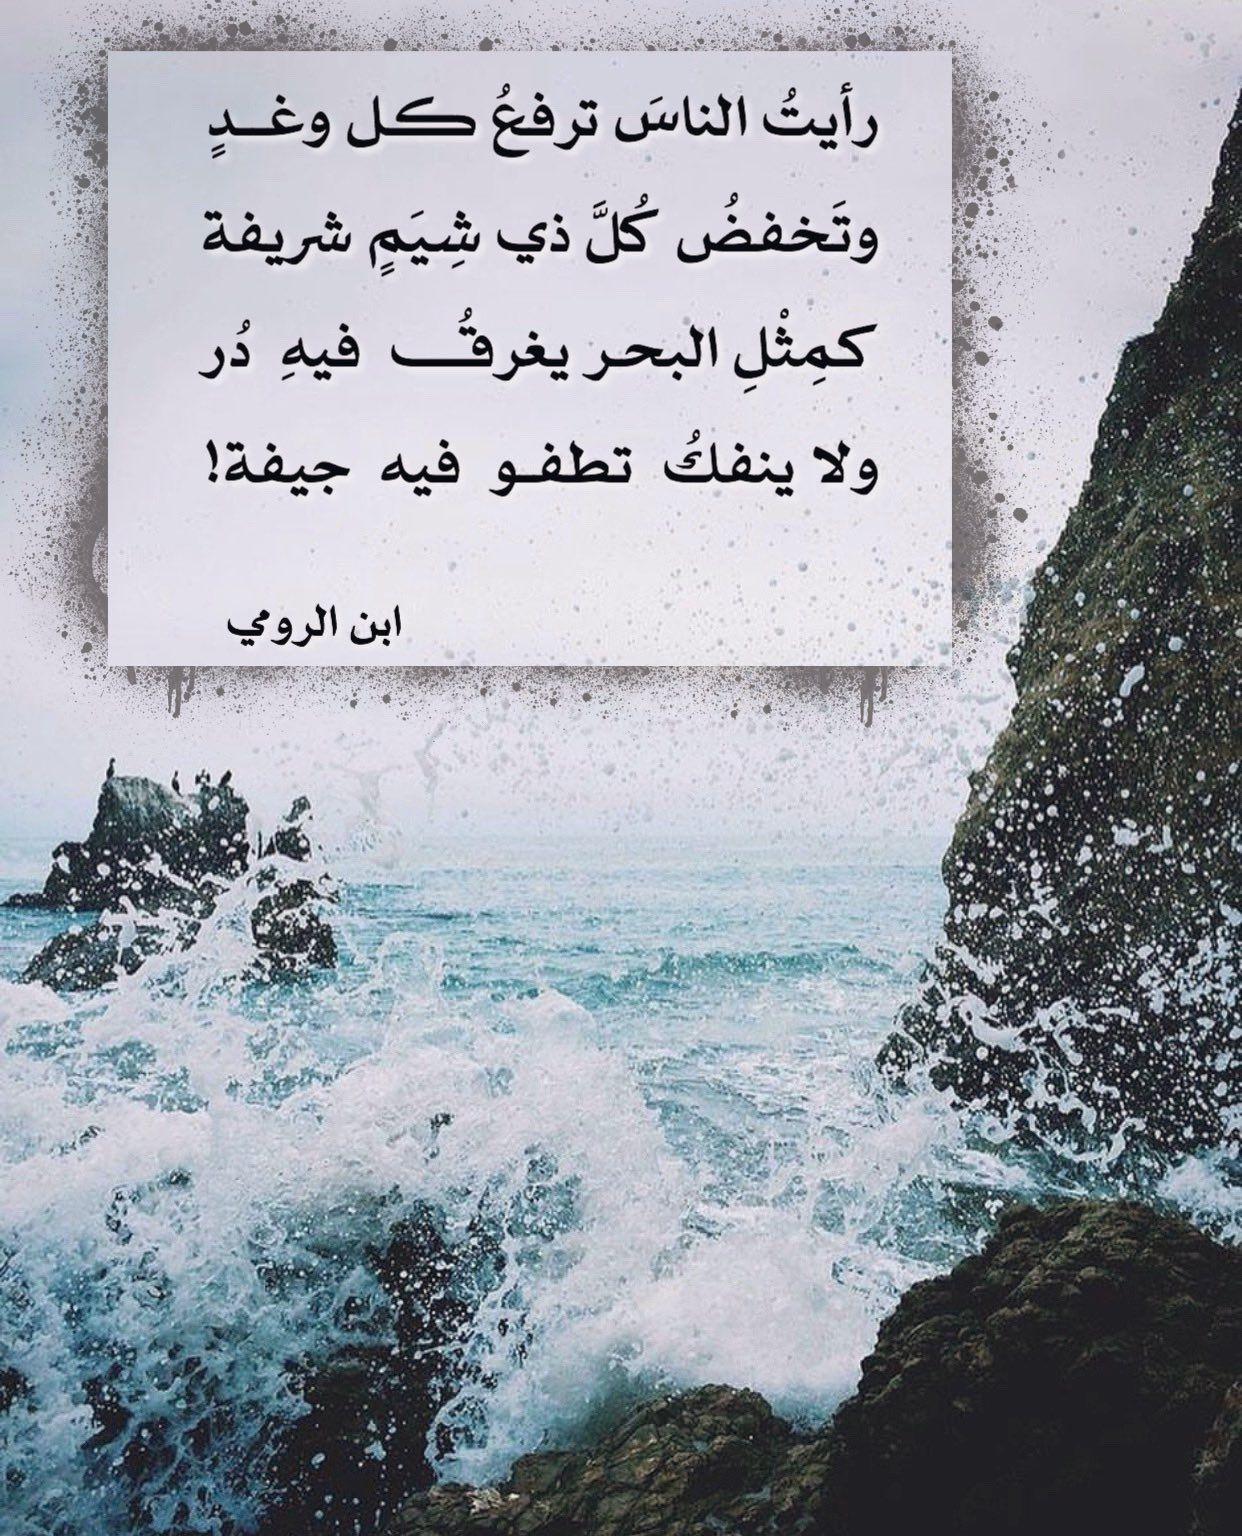 كم ث ل البحر يغرق فيه د ر ولا ينفك تطفو فيه جيفة Words Quotes Arabic Poetry Poetry